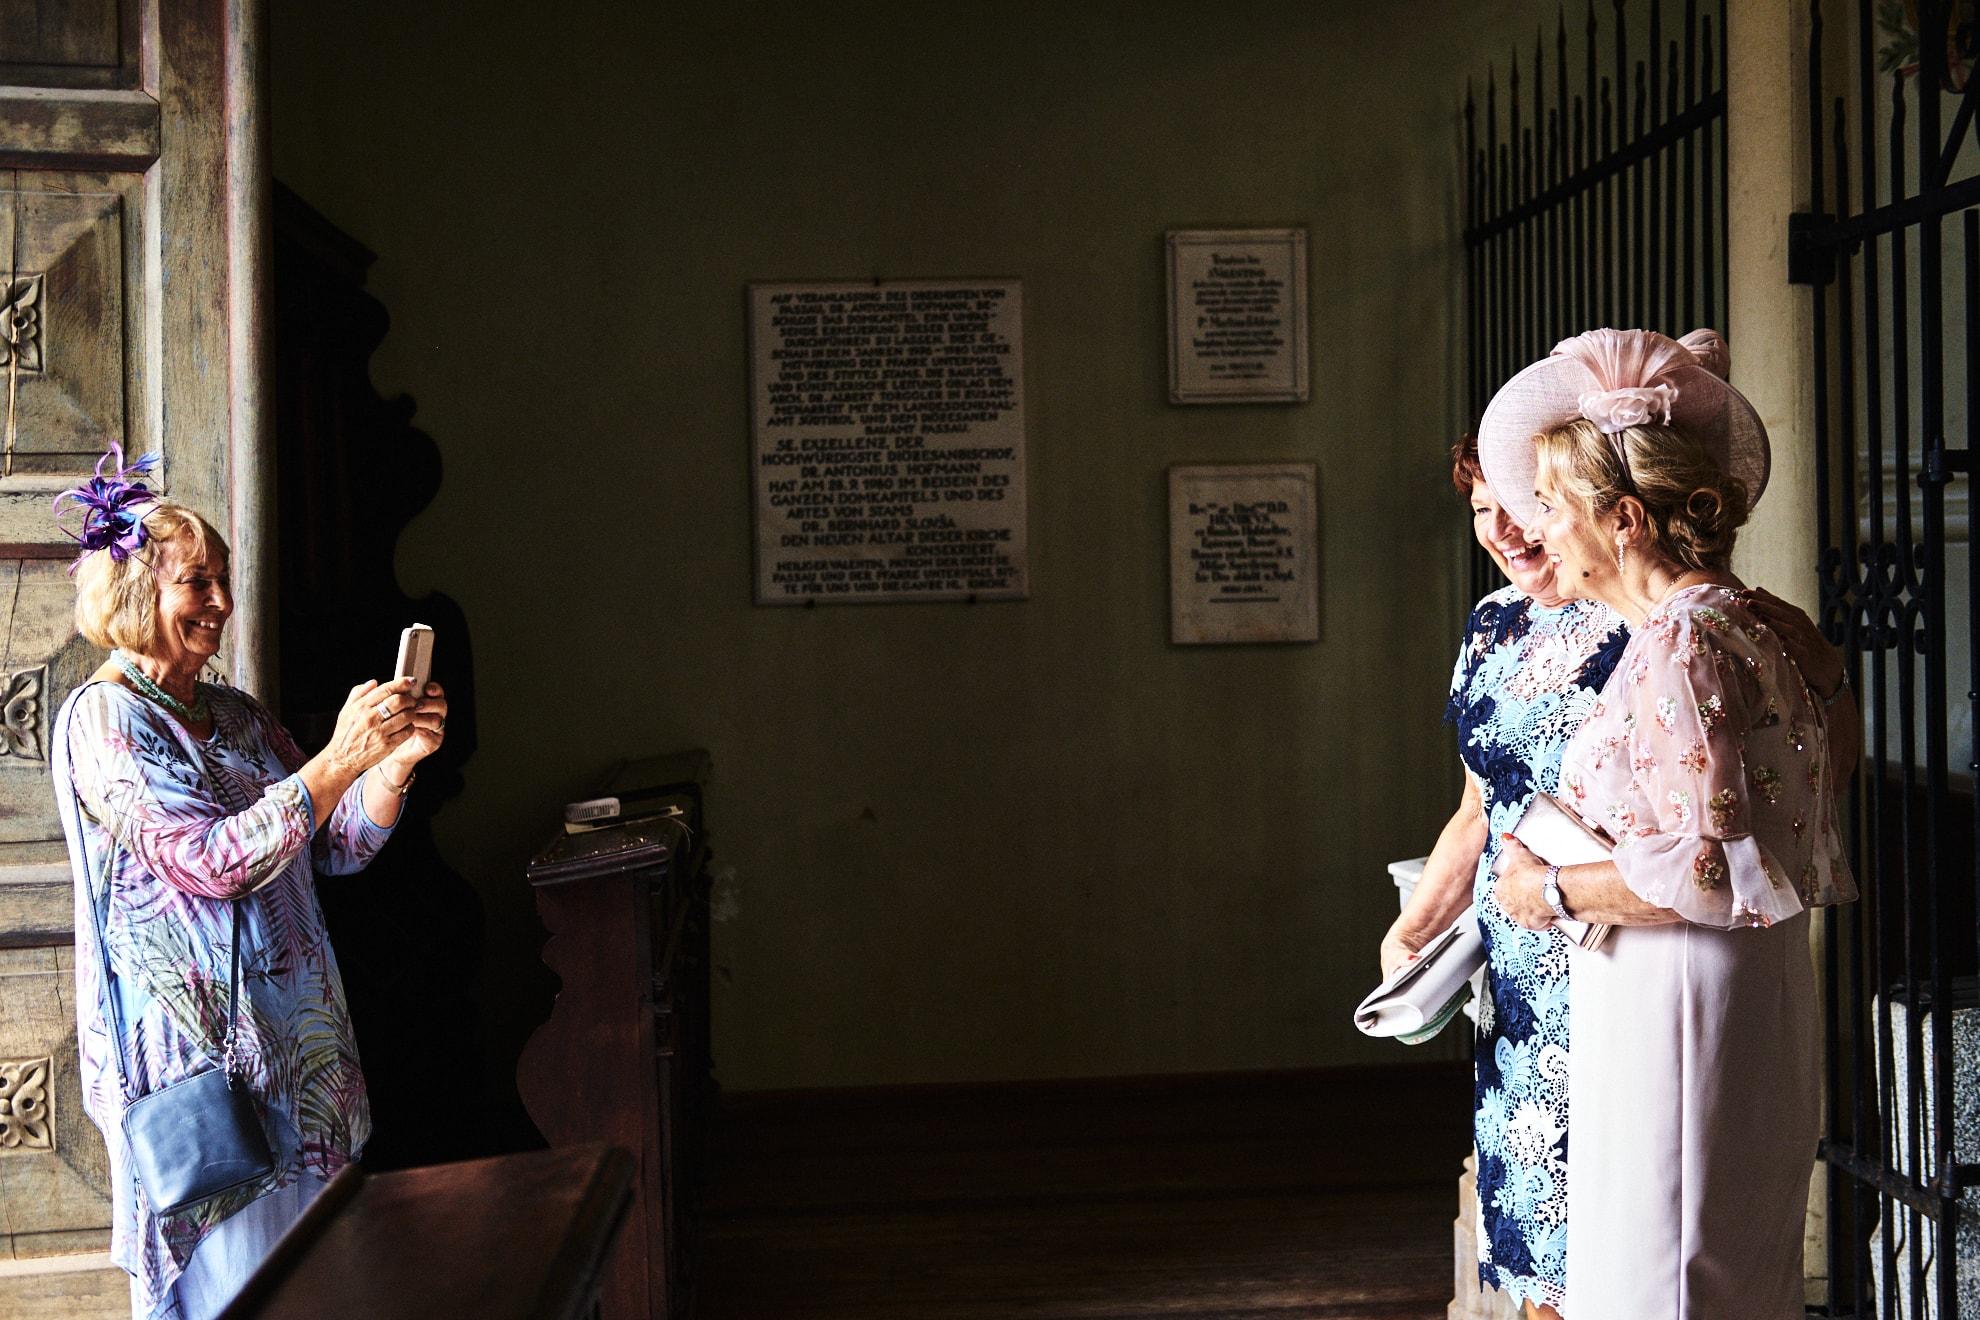 zie dello sposo invitate al matrimonio si scattano una fotografia con il cellulare all'ingresso della chiesa prima della celebrazione delle nozze